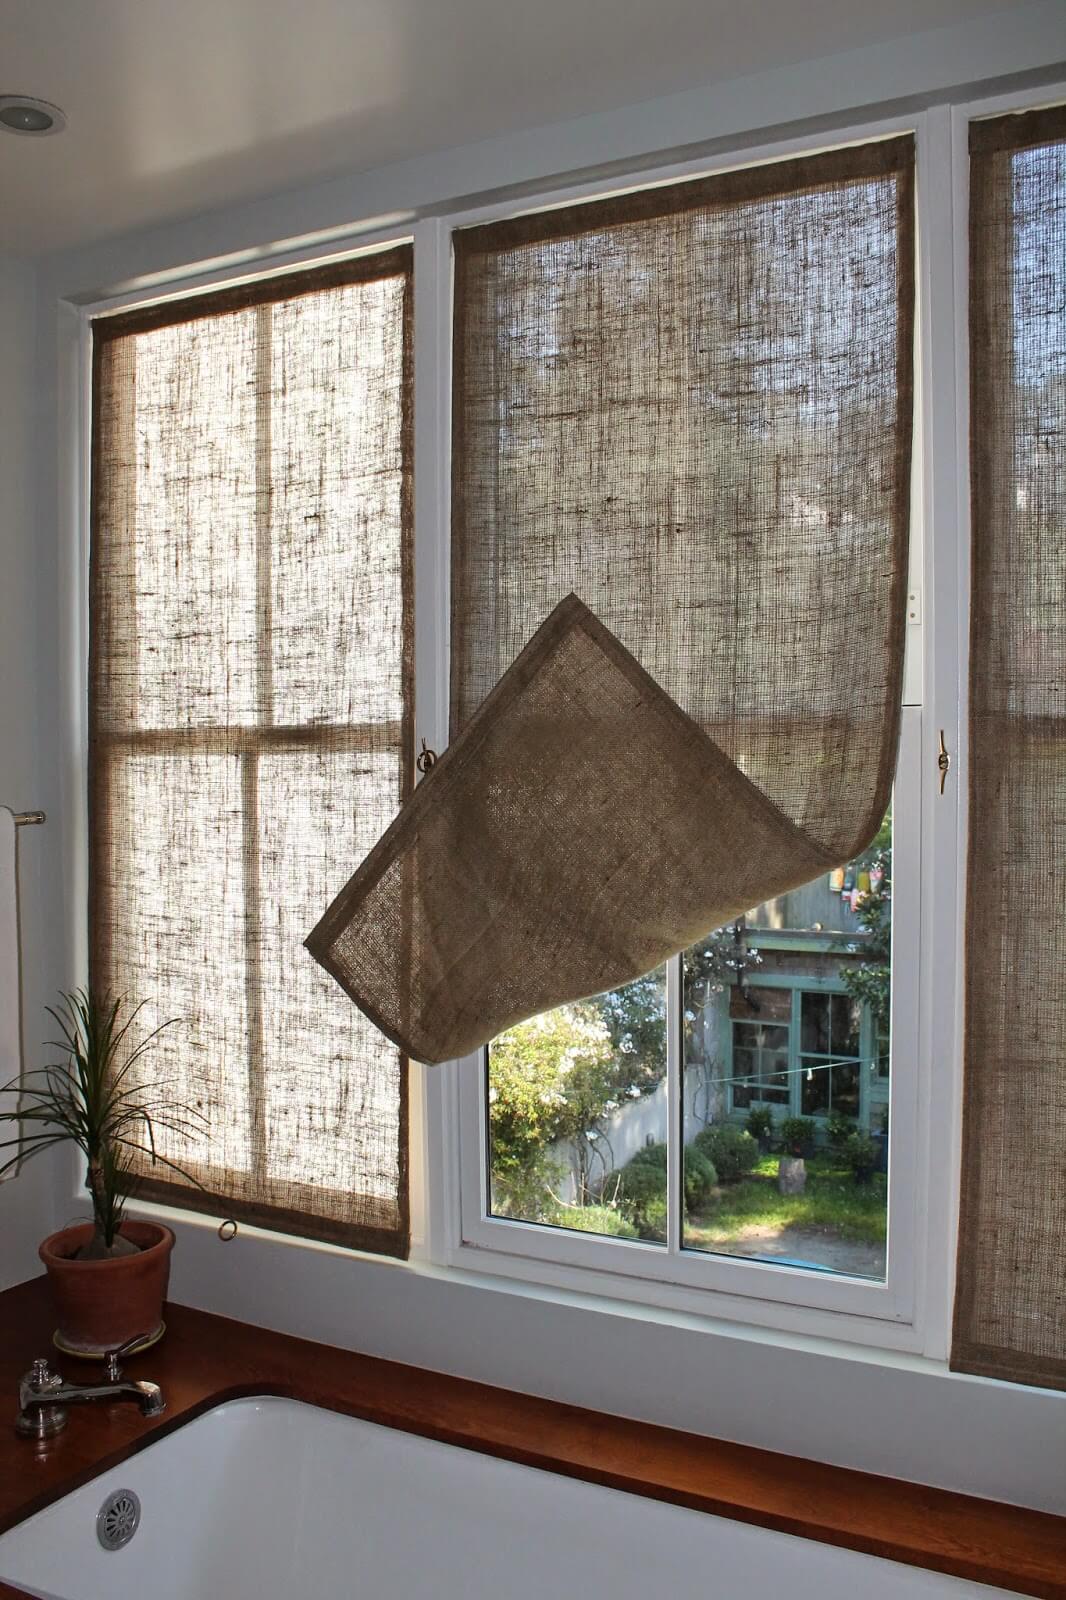 26 Best Farmhouse Window Treatment Ideas and Designs for 2020 on Farmhouse Curtain Ideas  id=86994